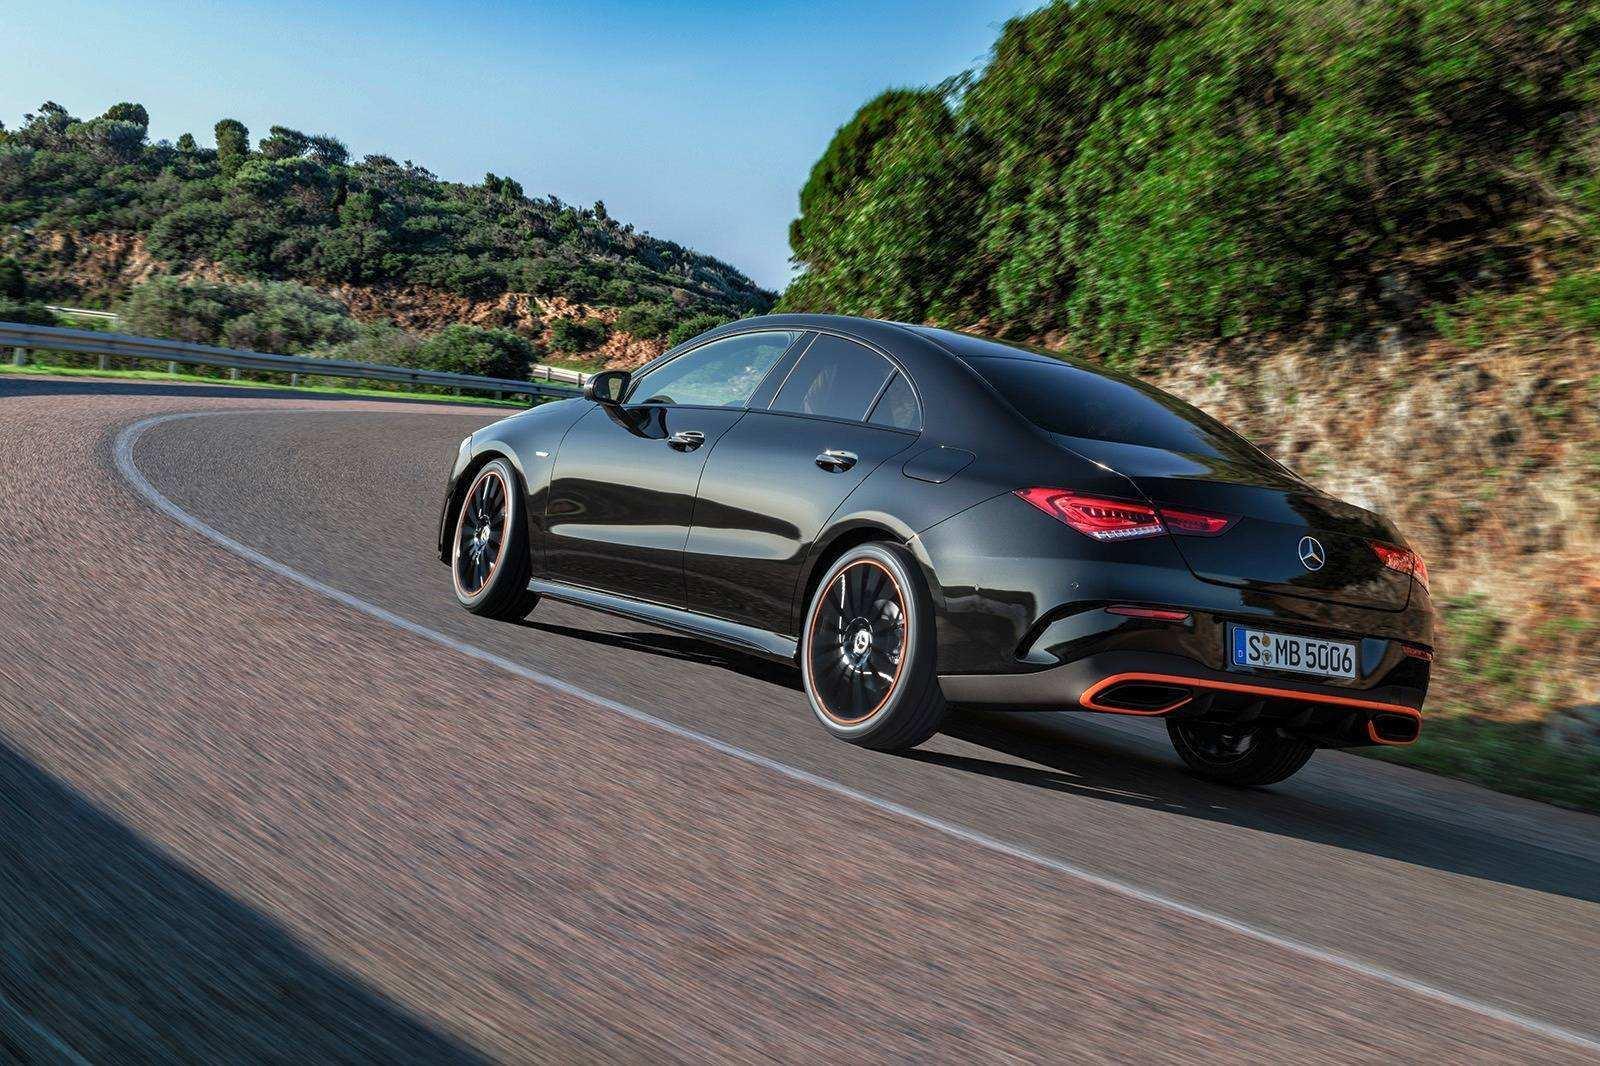 66 New 2020 Mercedes Hatchback Model for 2020 Mercedes Hatchback